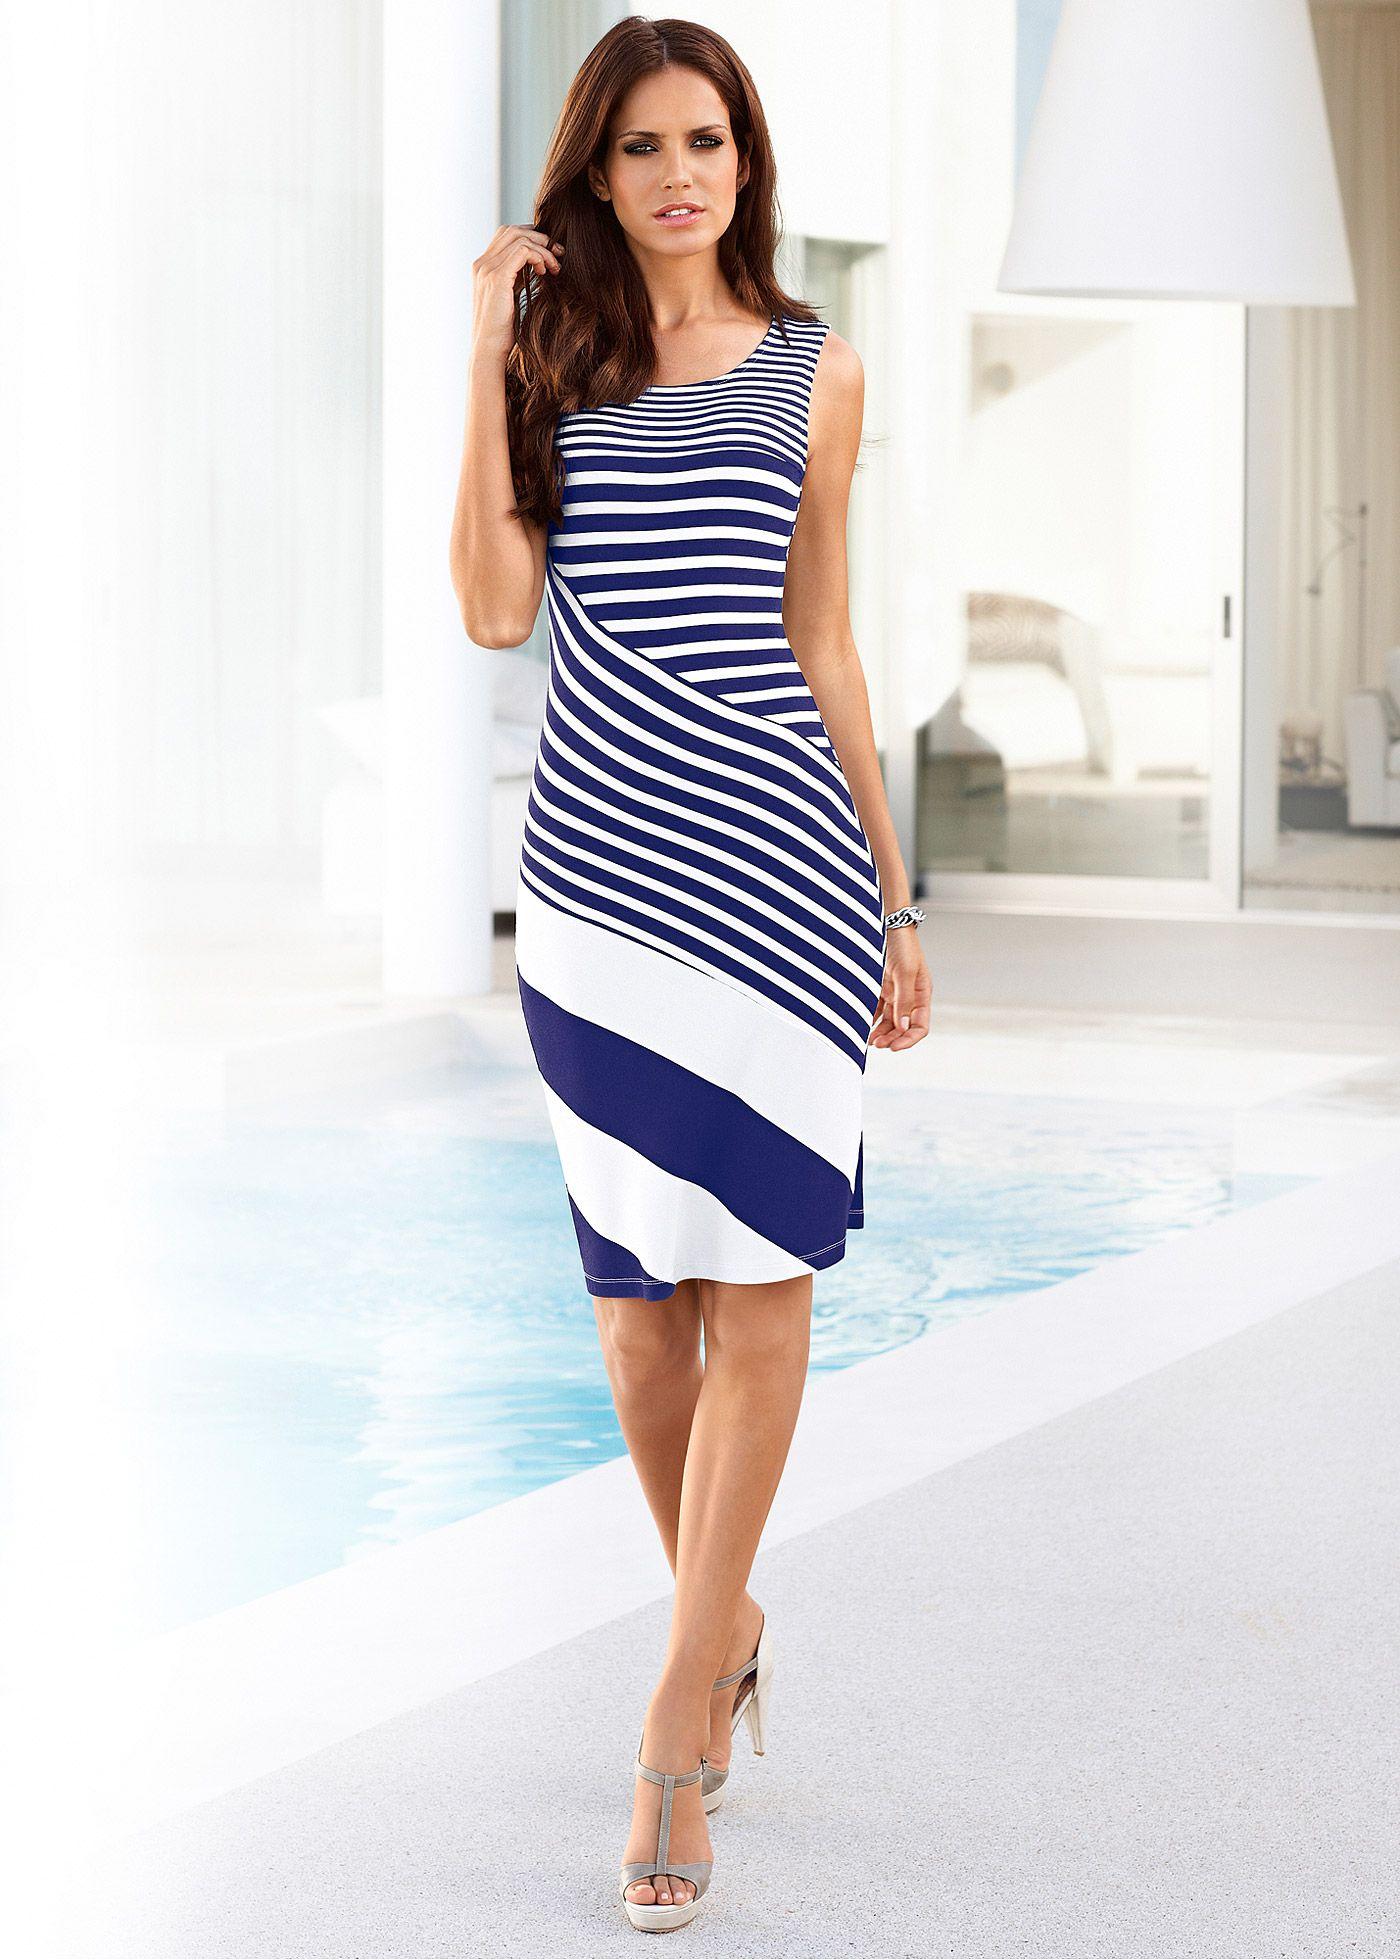 a1447bc940 Vestido de malha com listras Vestido de malha azul-escuro branco listrado  encomendar agora na loja on-line bonprix.de R  119